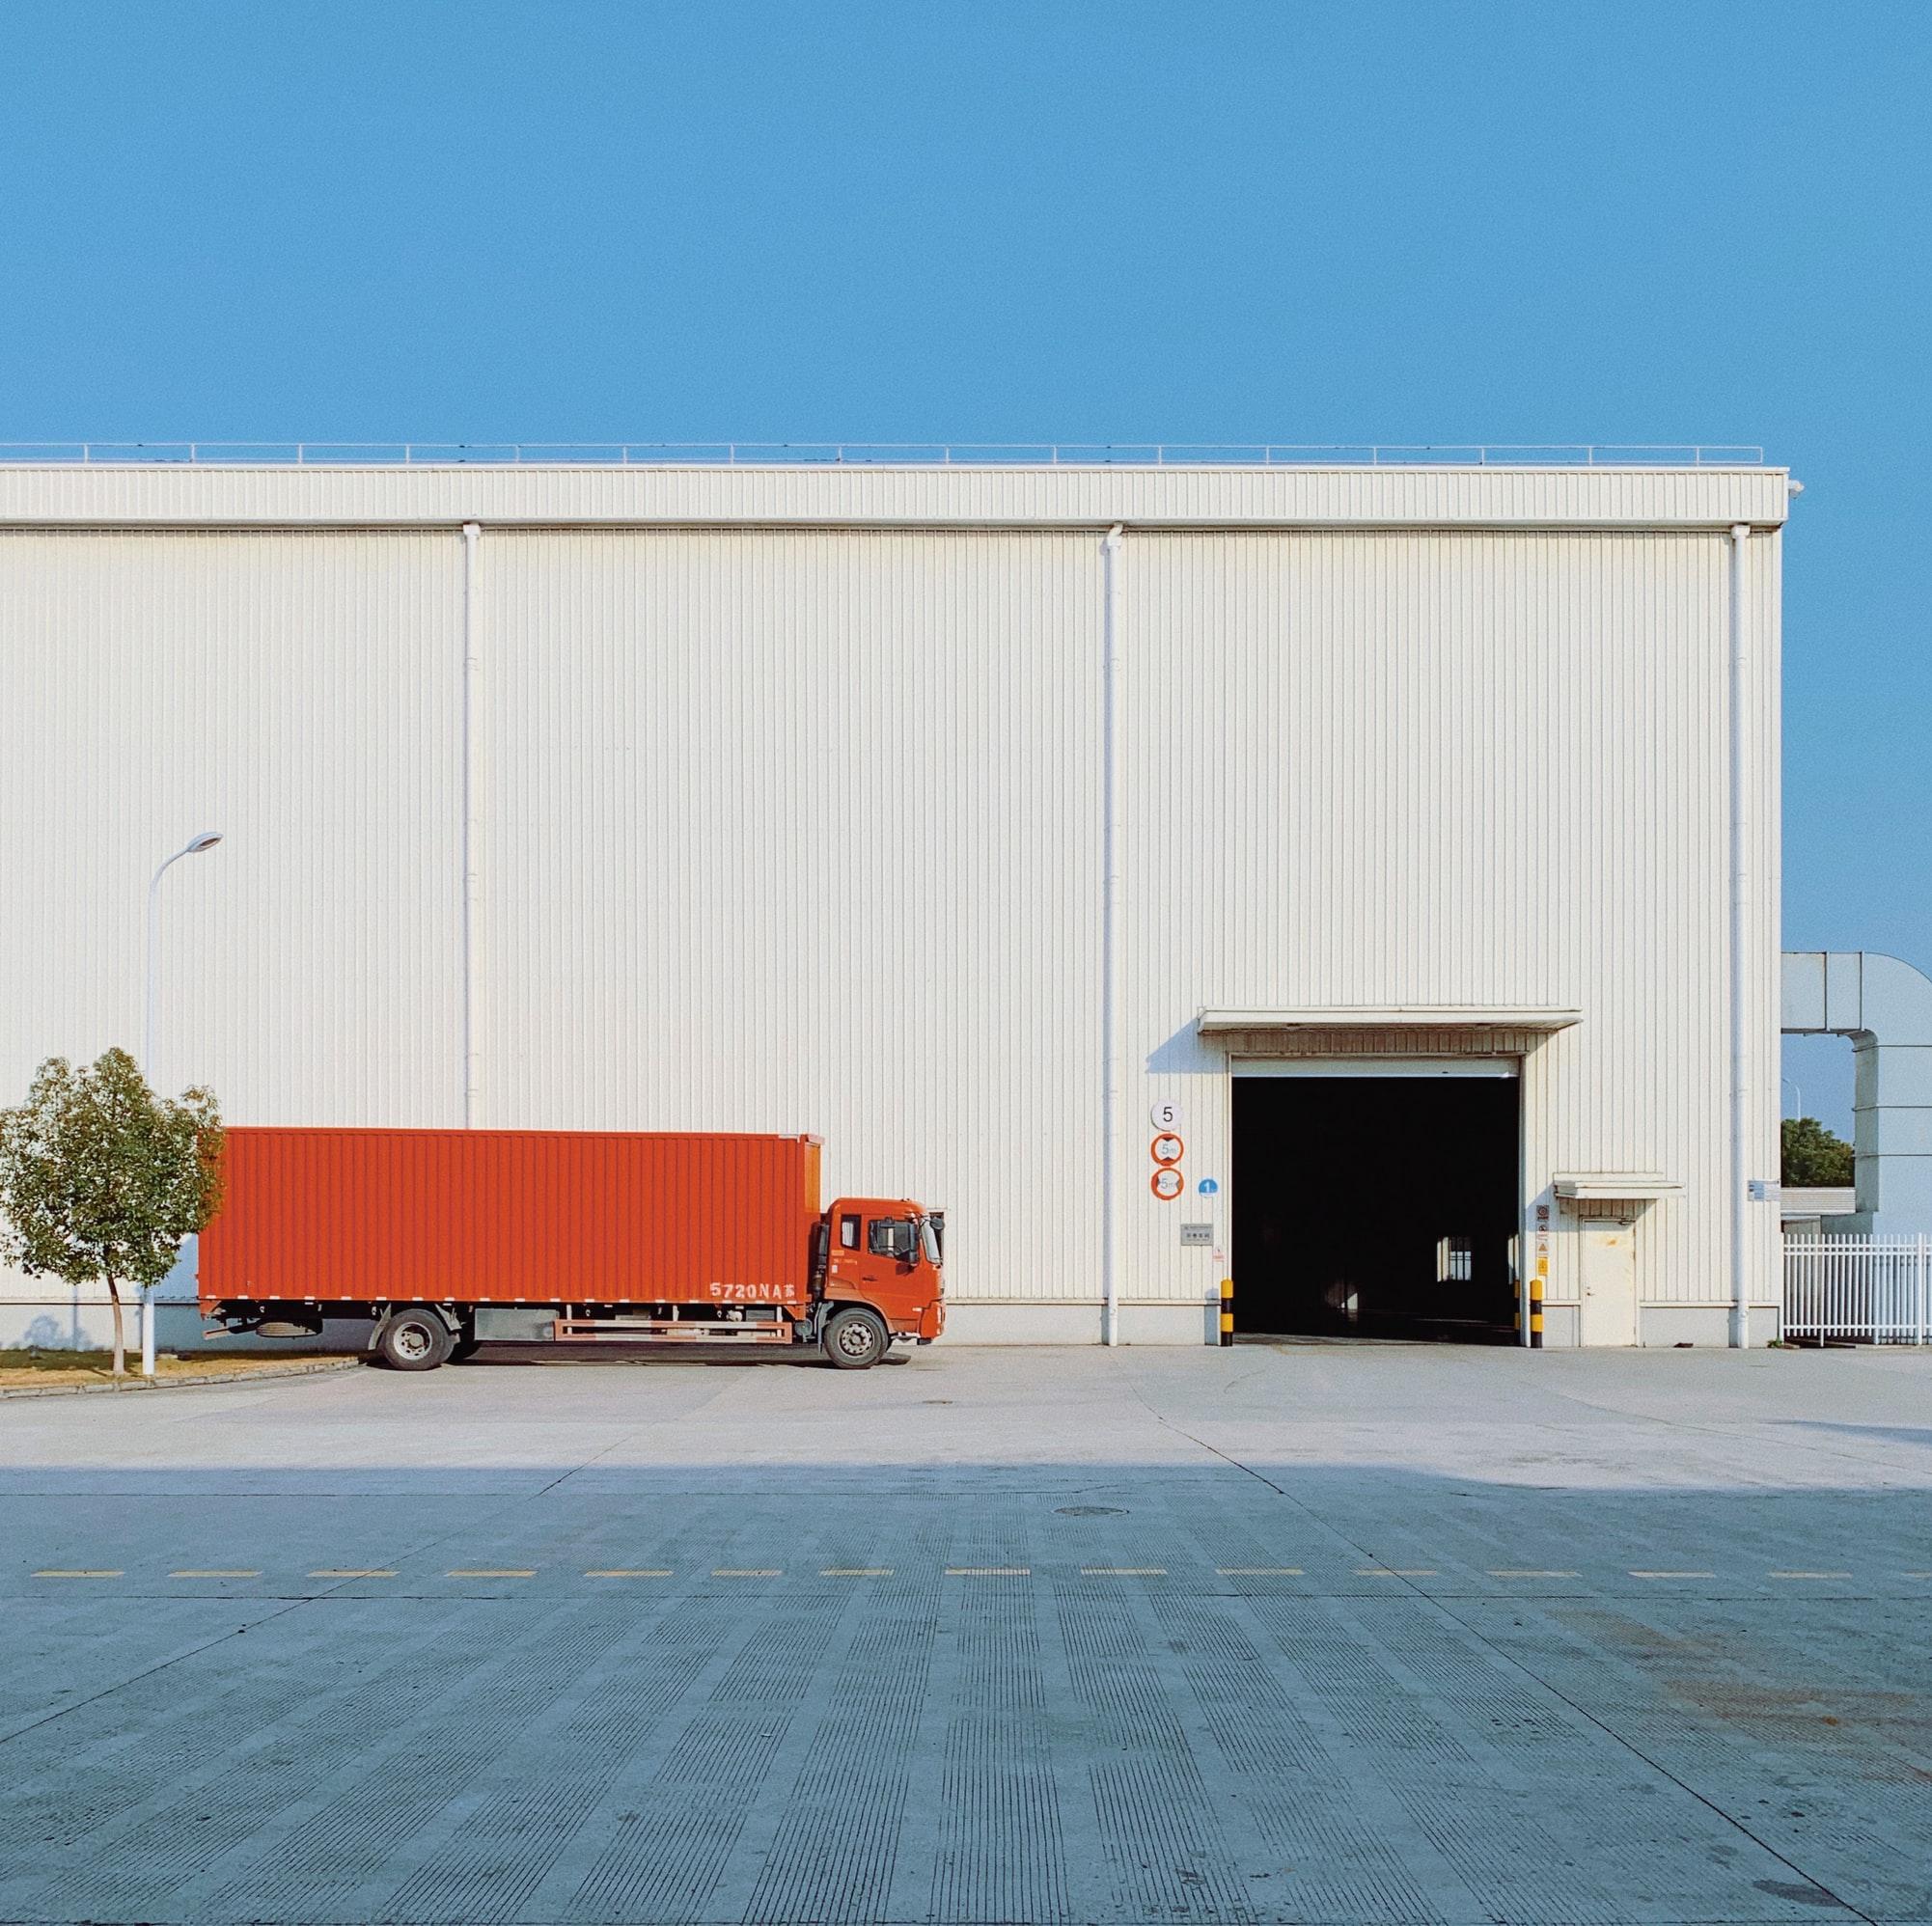 Maksymalna długość autotransporterów